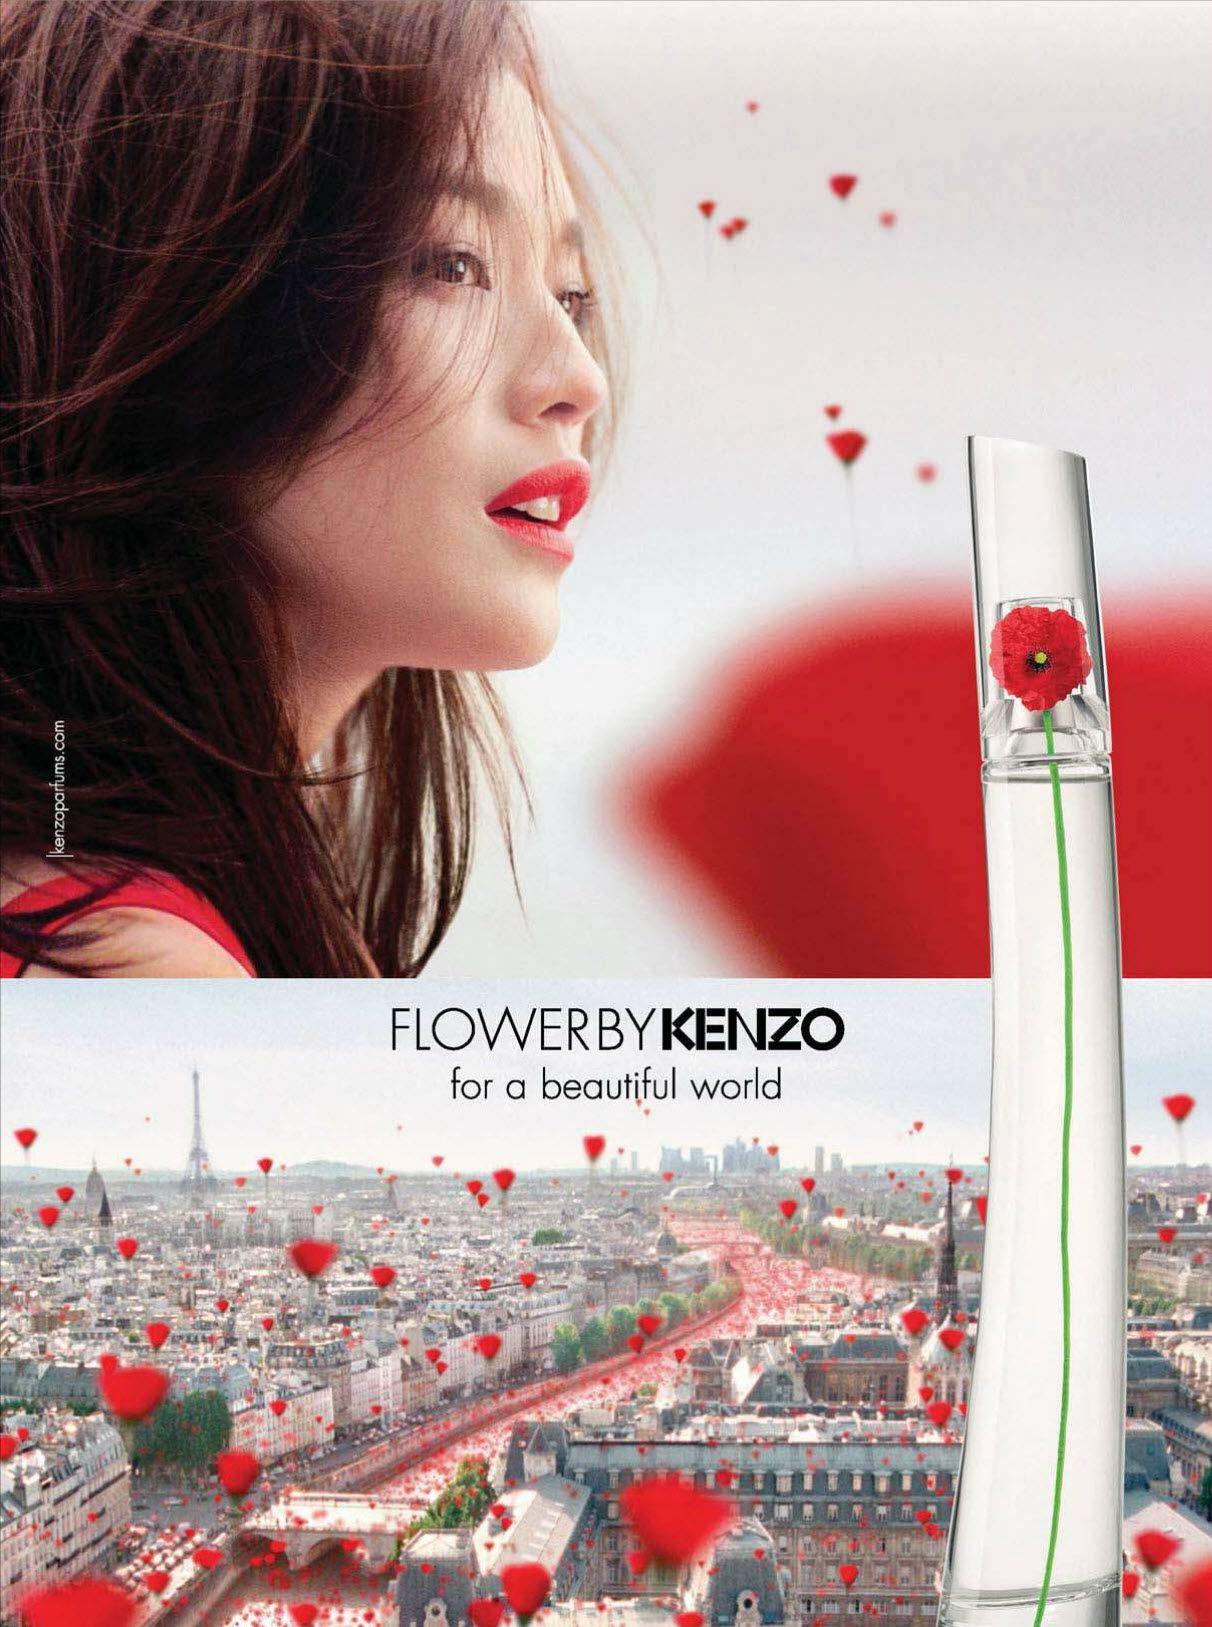 Kenzo 'Flower by Kenzo' fragrance 2013